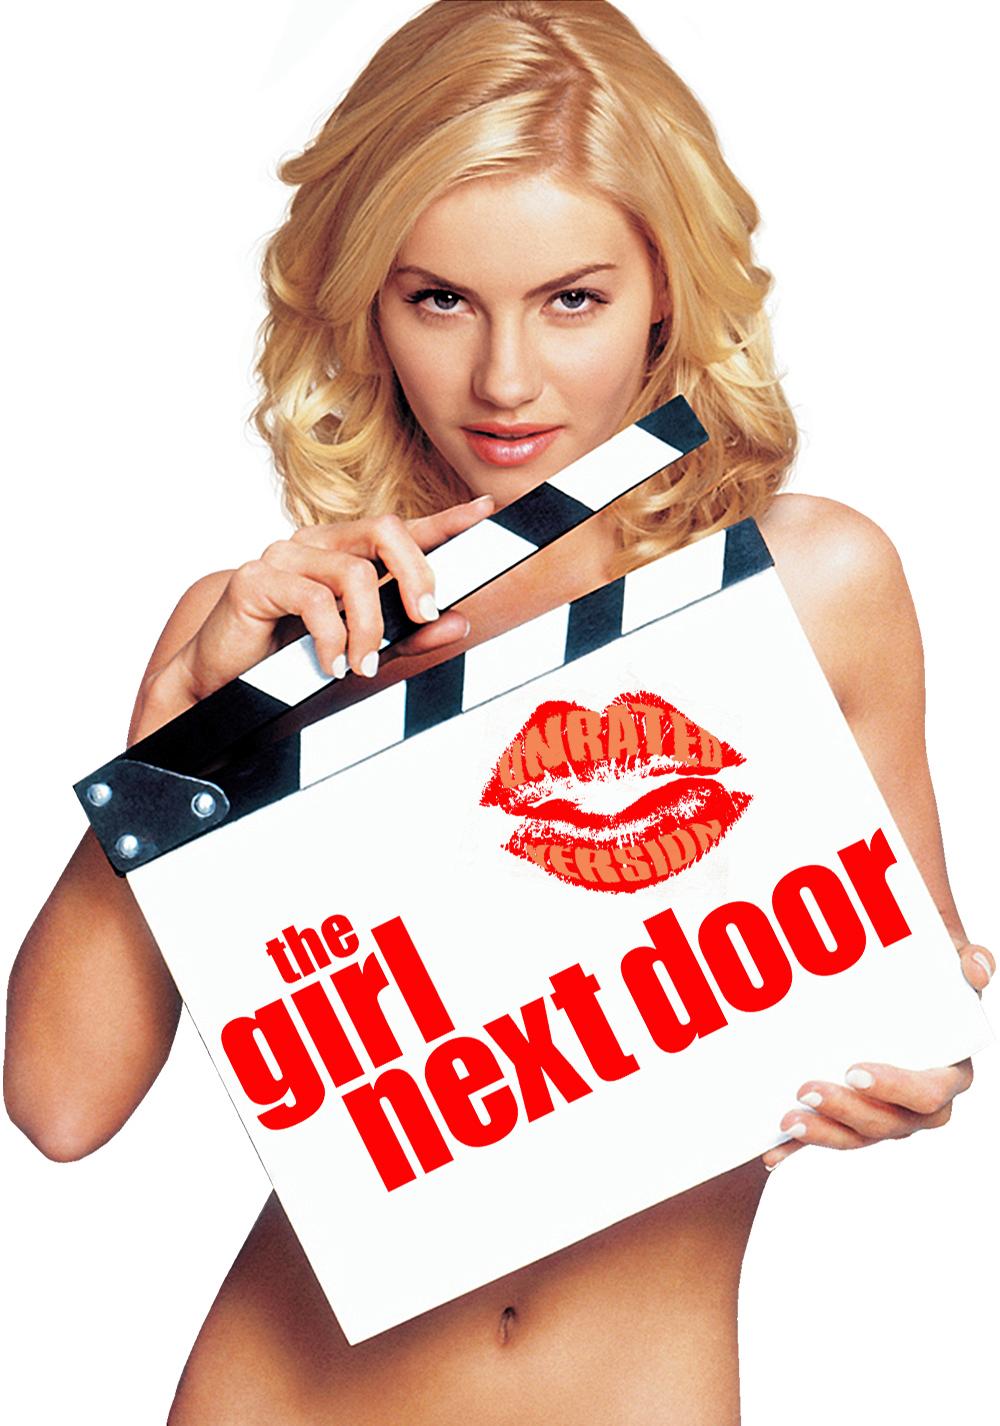 the-girl-next-door-watch-movie